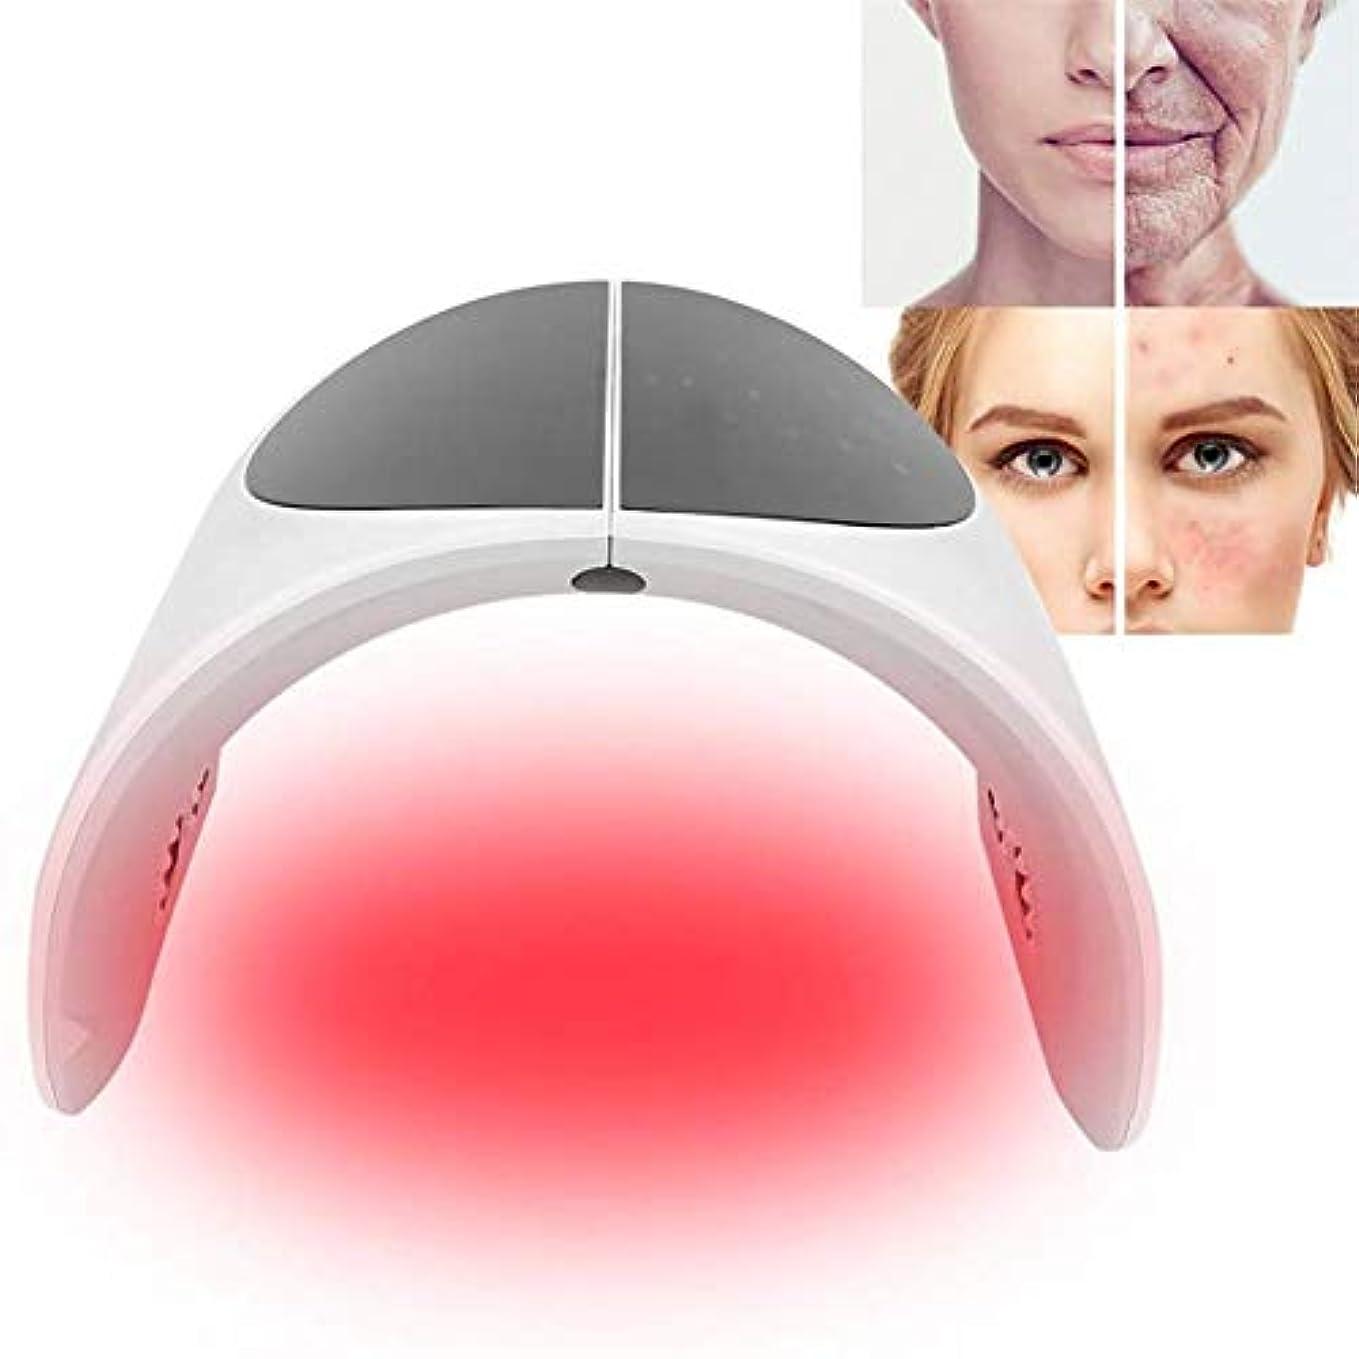 請求書感覚重要な7色LEDマスクフォトンライトビューティーマスク、肌の若返りにきび治療フェイシャルケアマシンホームサロンの使用